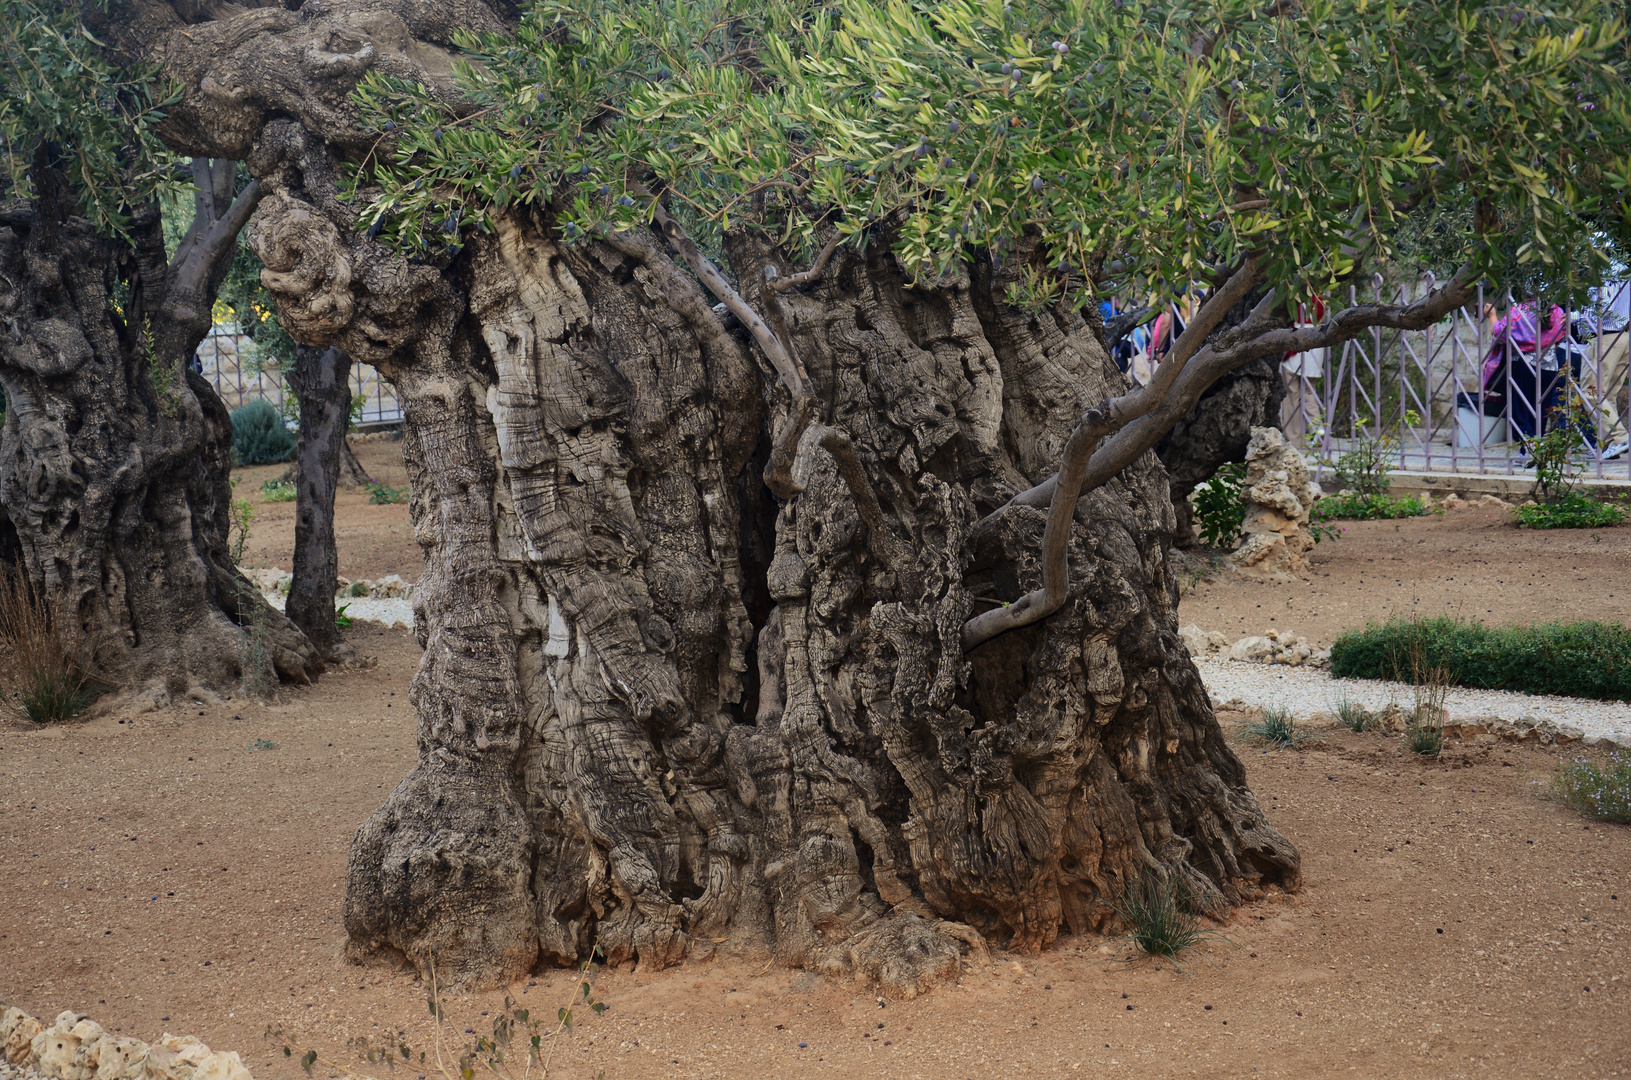 vielleicht 2000 Jahre alte Ölbäume im Garten Getsemane